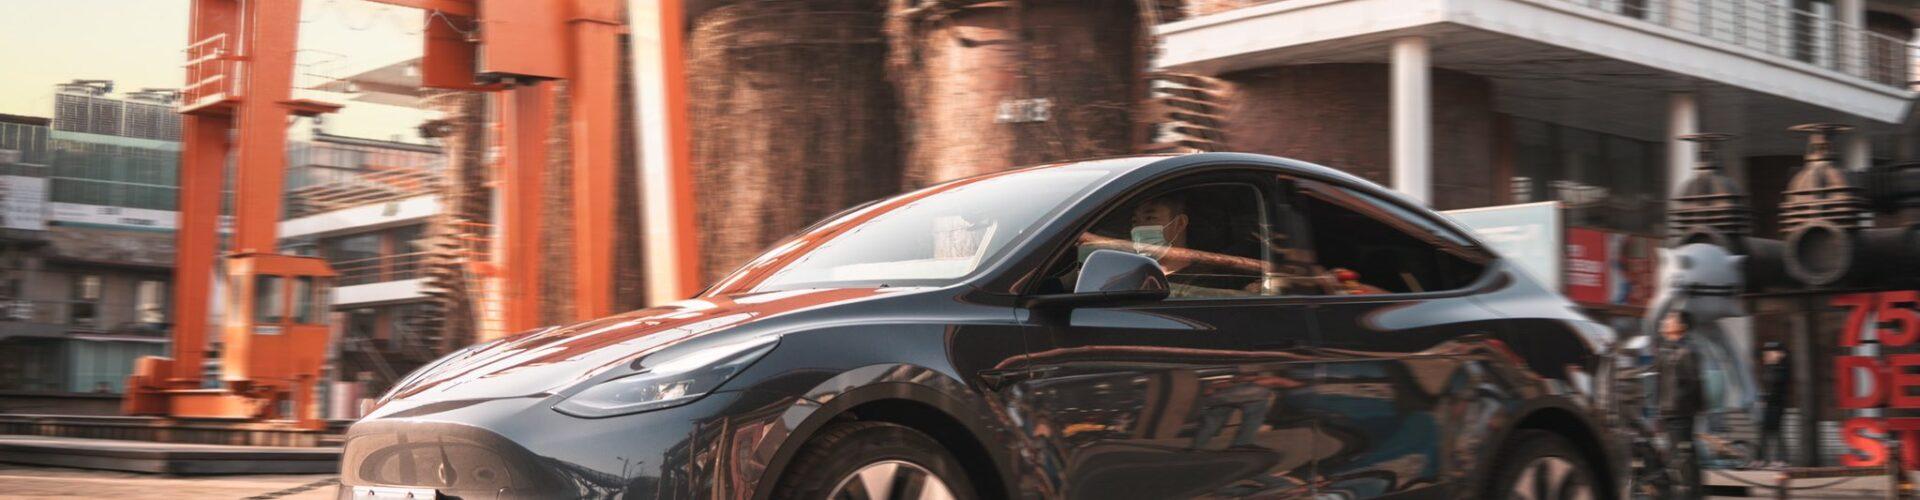 Tesla първа ще започне да използва никеловите батерии на LG Chem